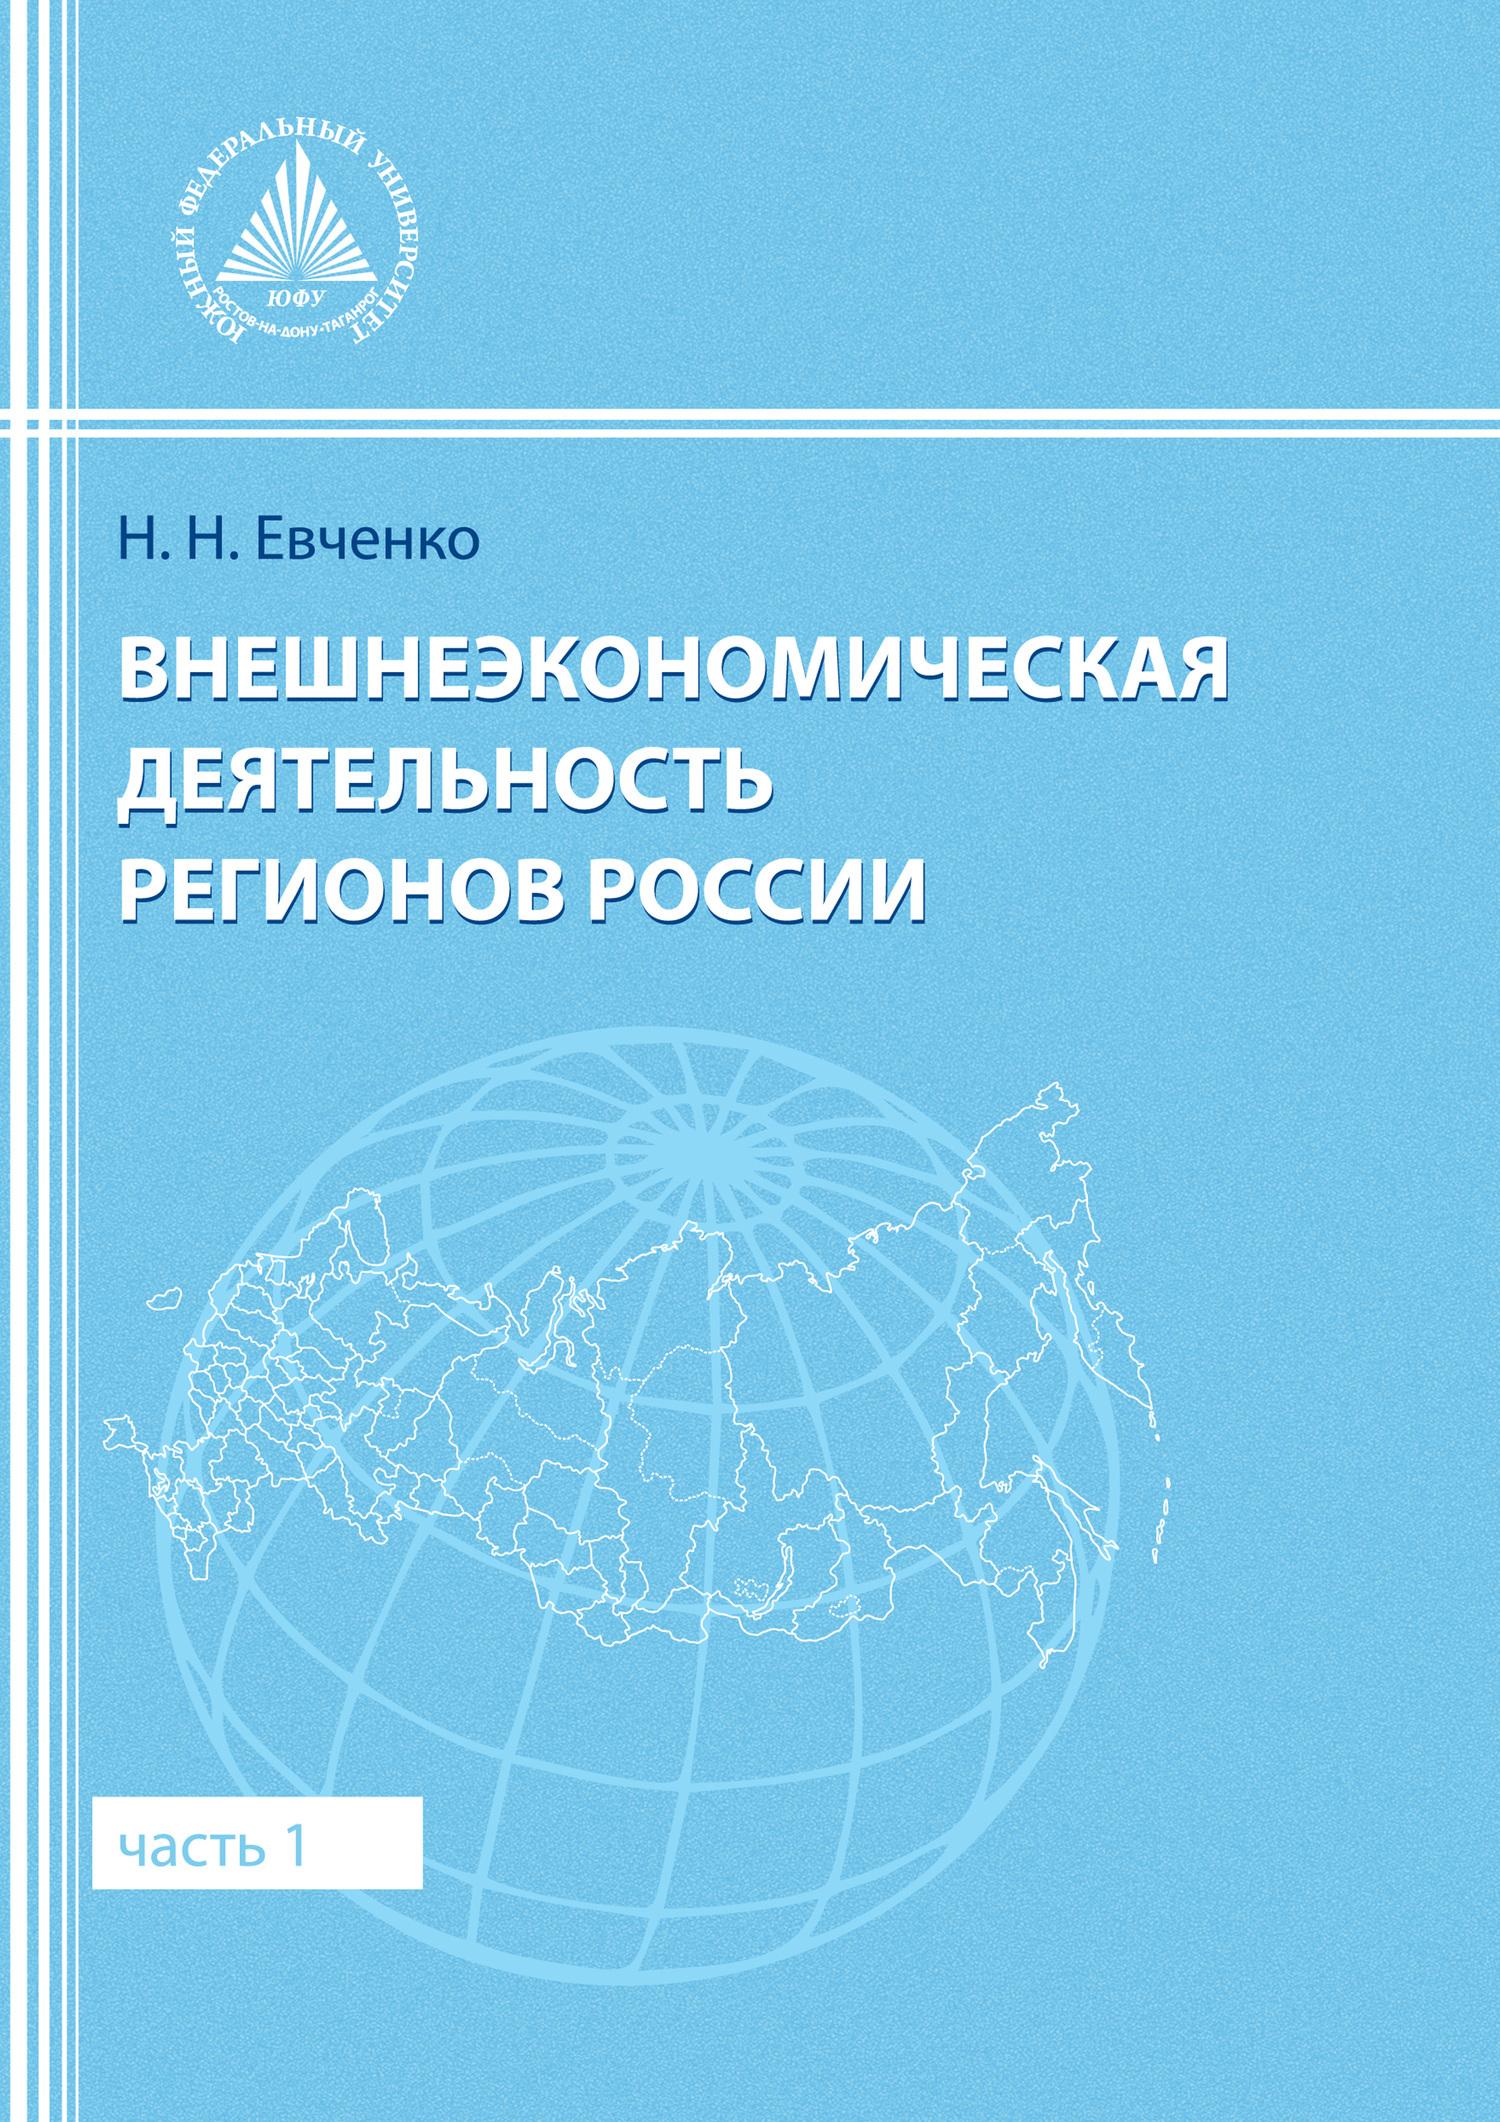 Внешнеэкономическая деятельность регионов России. Часть 1